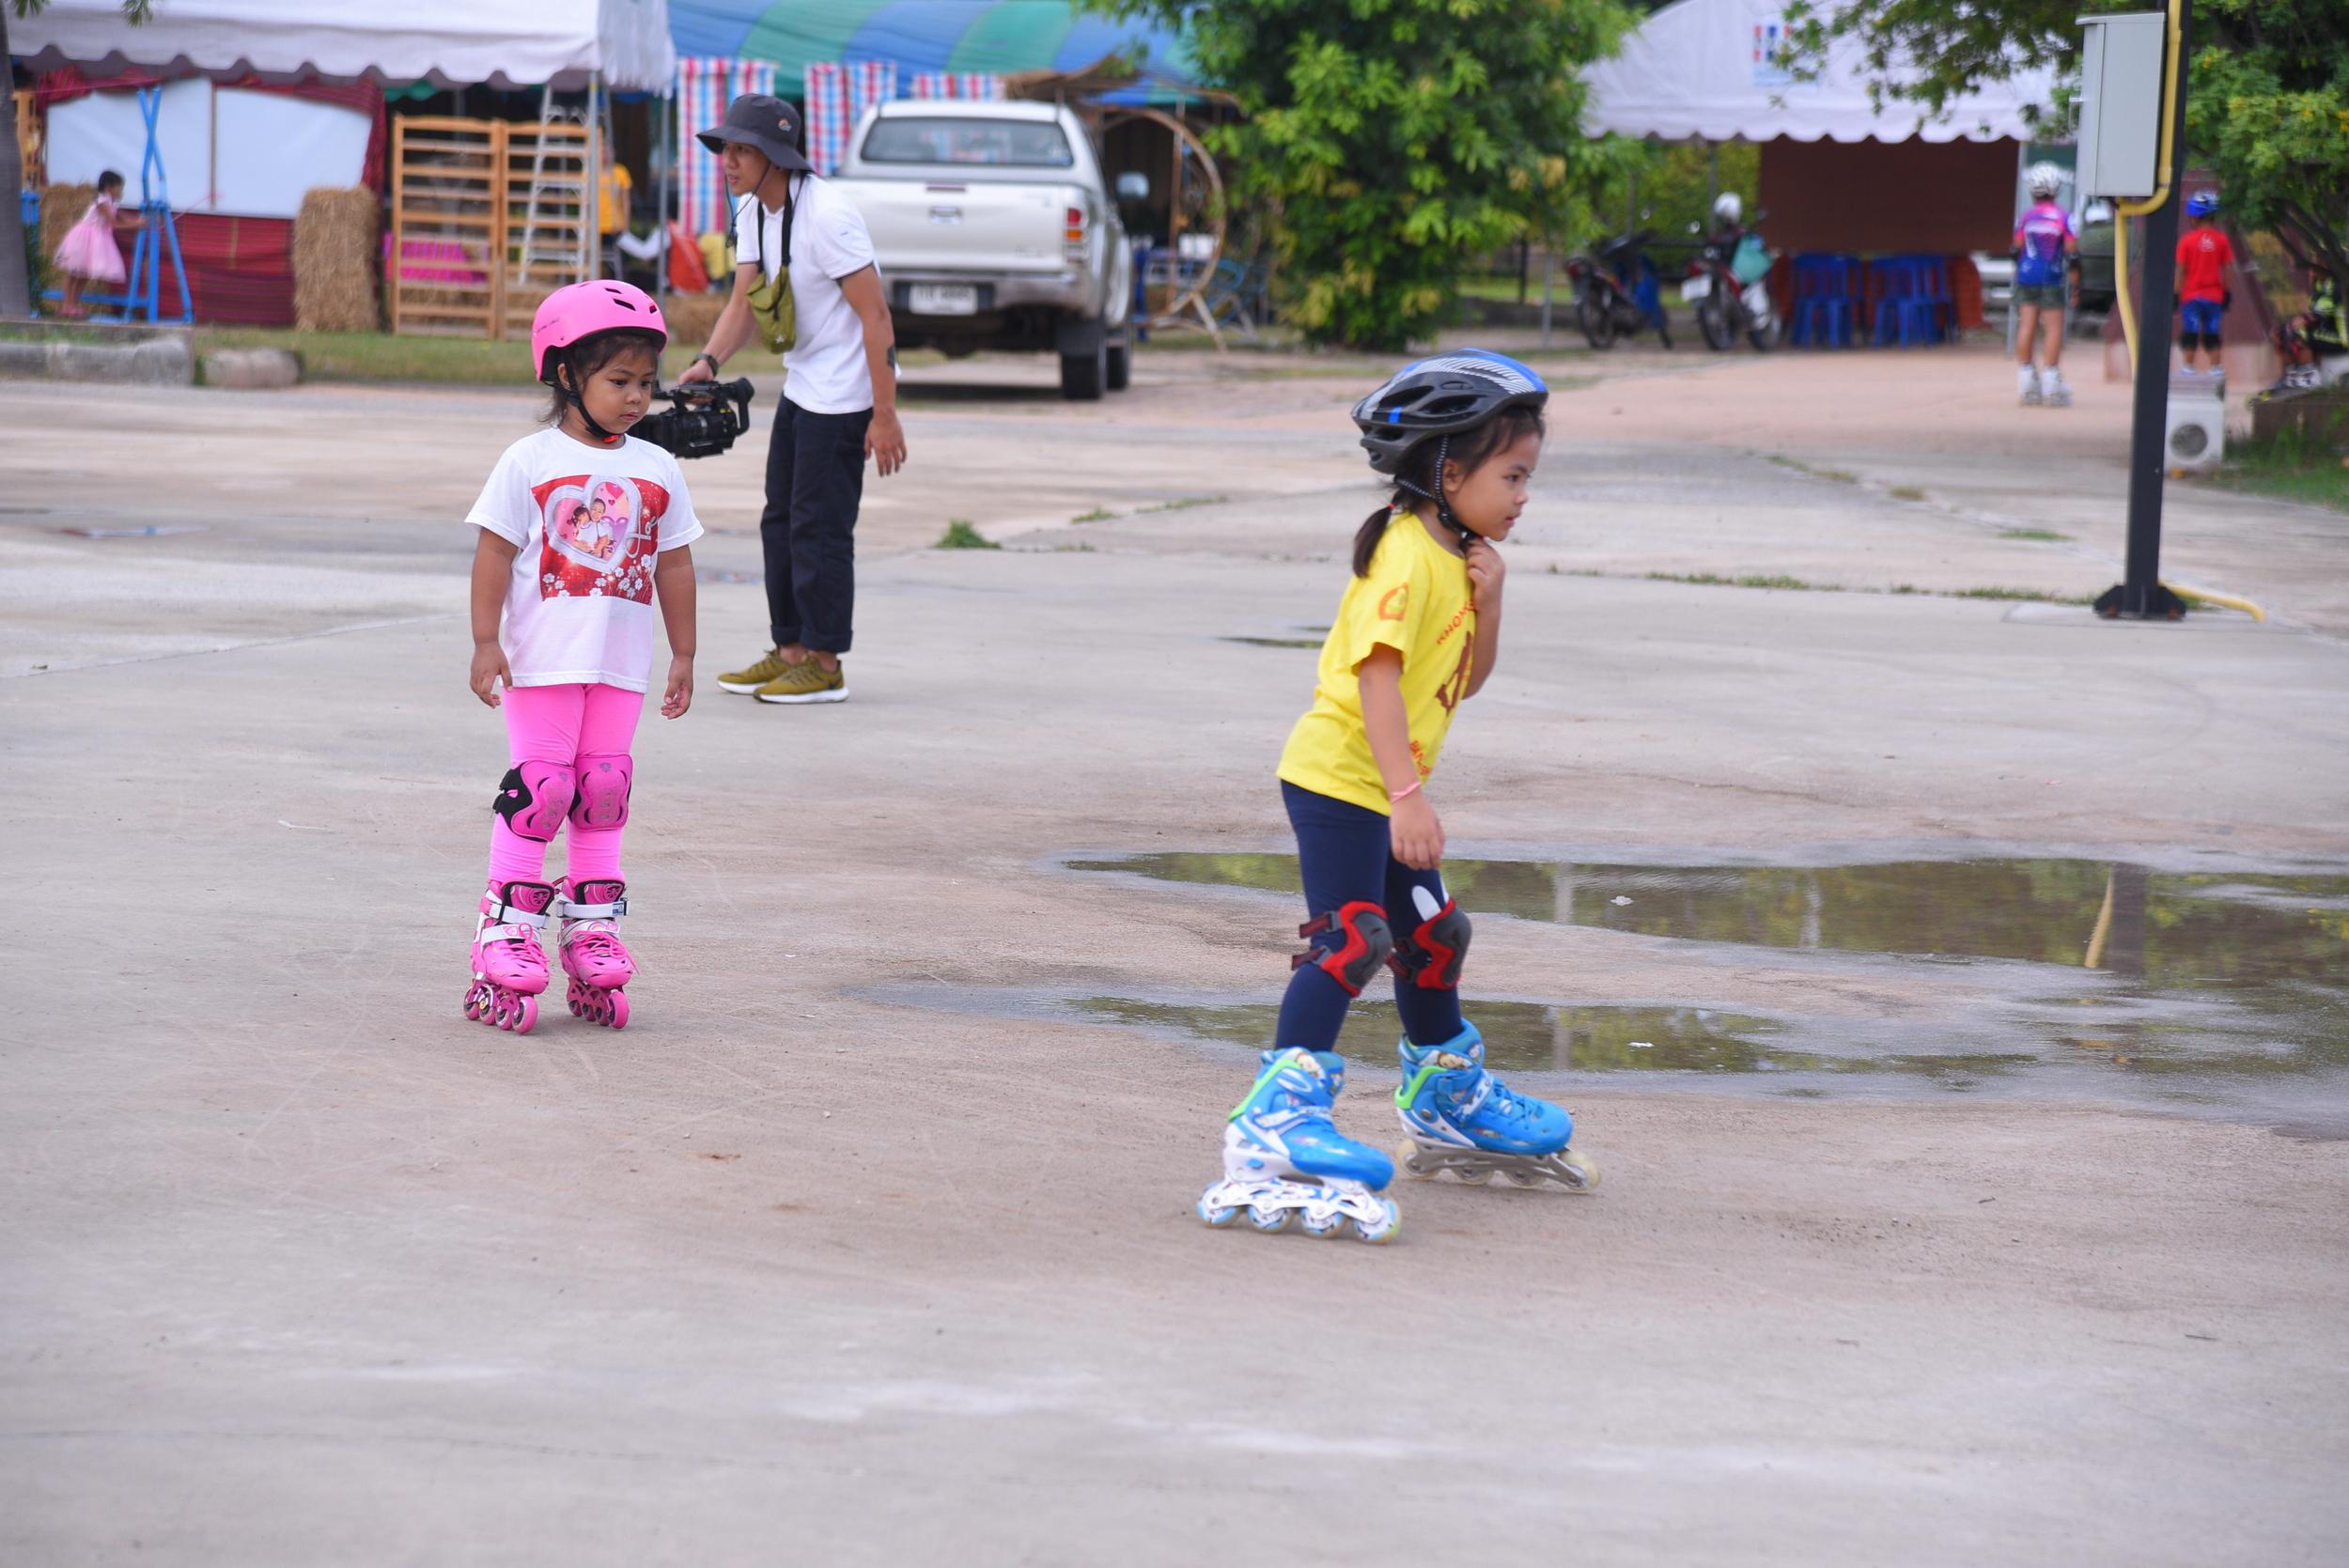 นำร่องแก้ปัญหาเด็กติดเกมด้วยกีฬาโรลเลอร์เบลด thaihealth